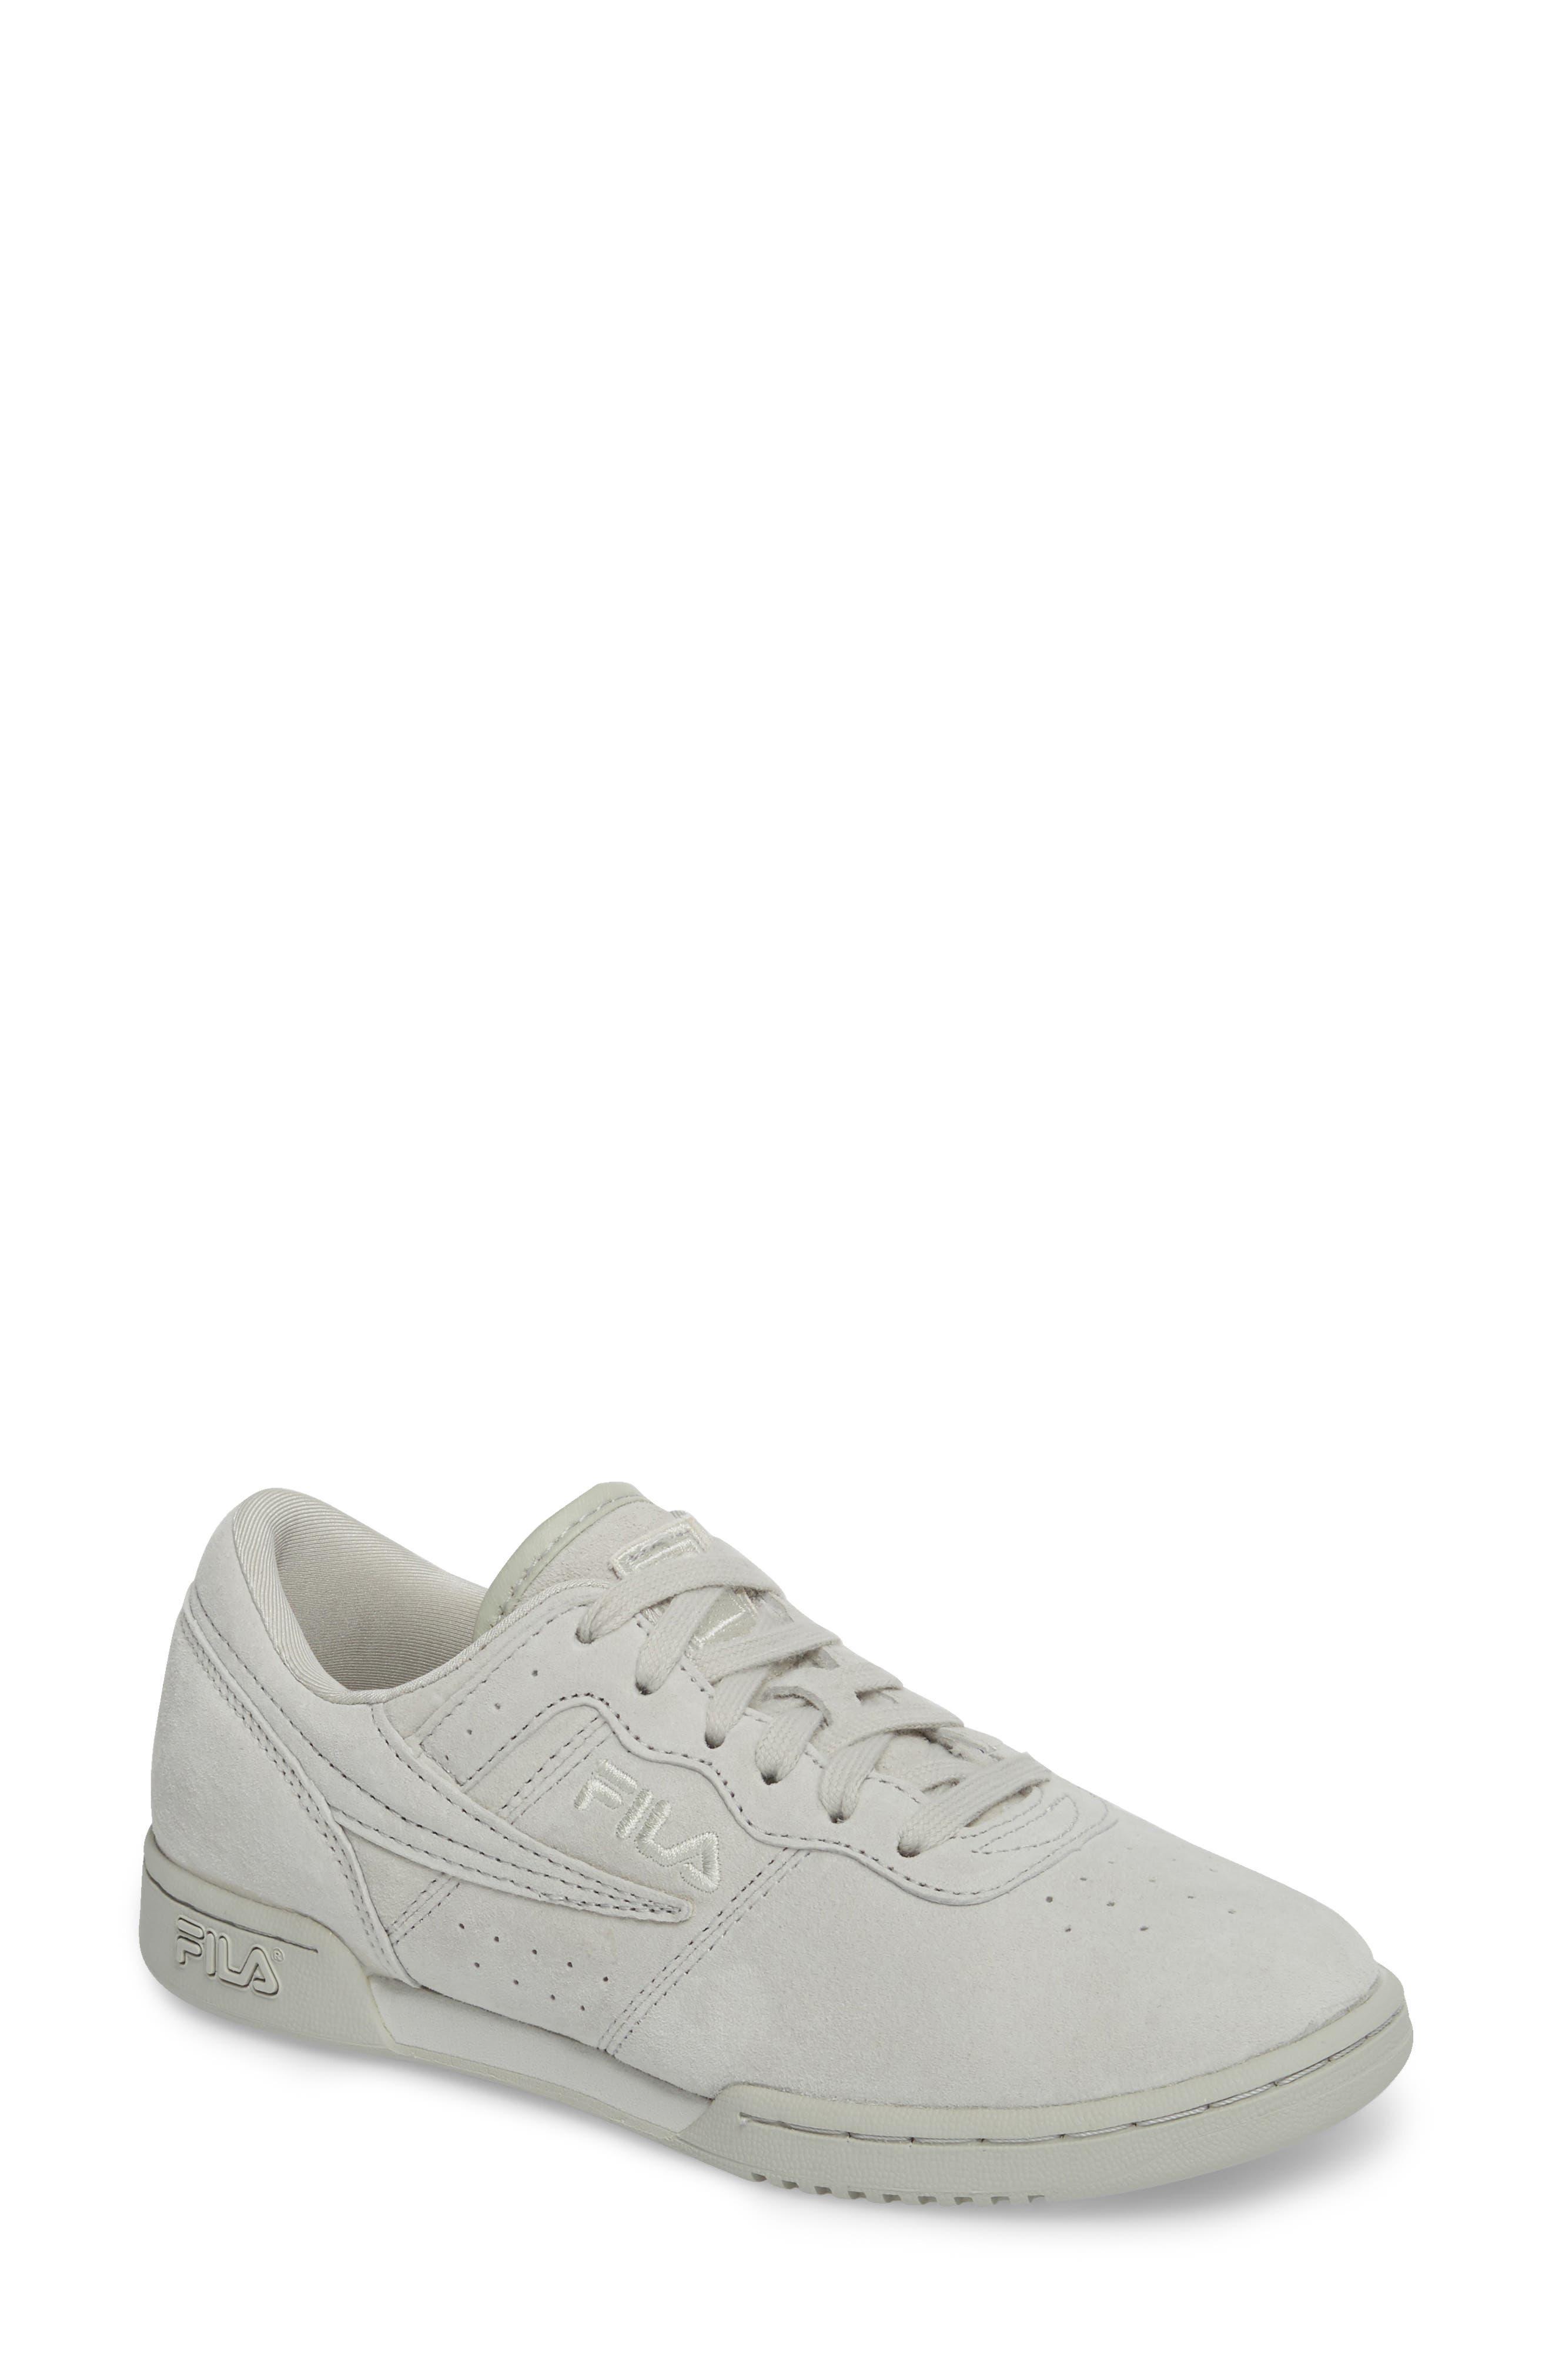 Original Fitness Premium Sneaker,                         Main,                         color, 050